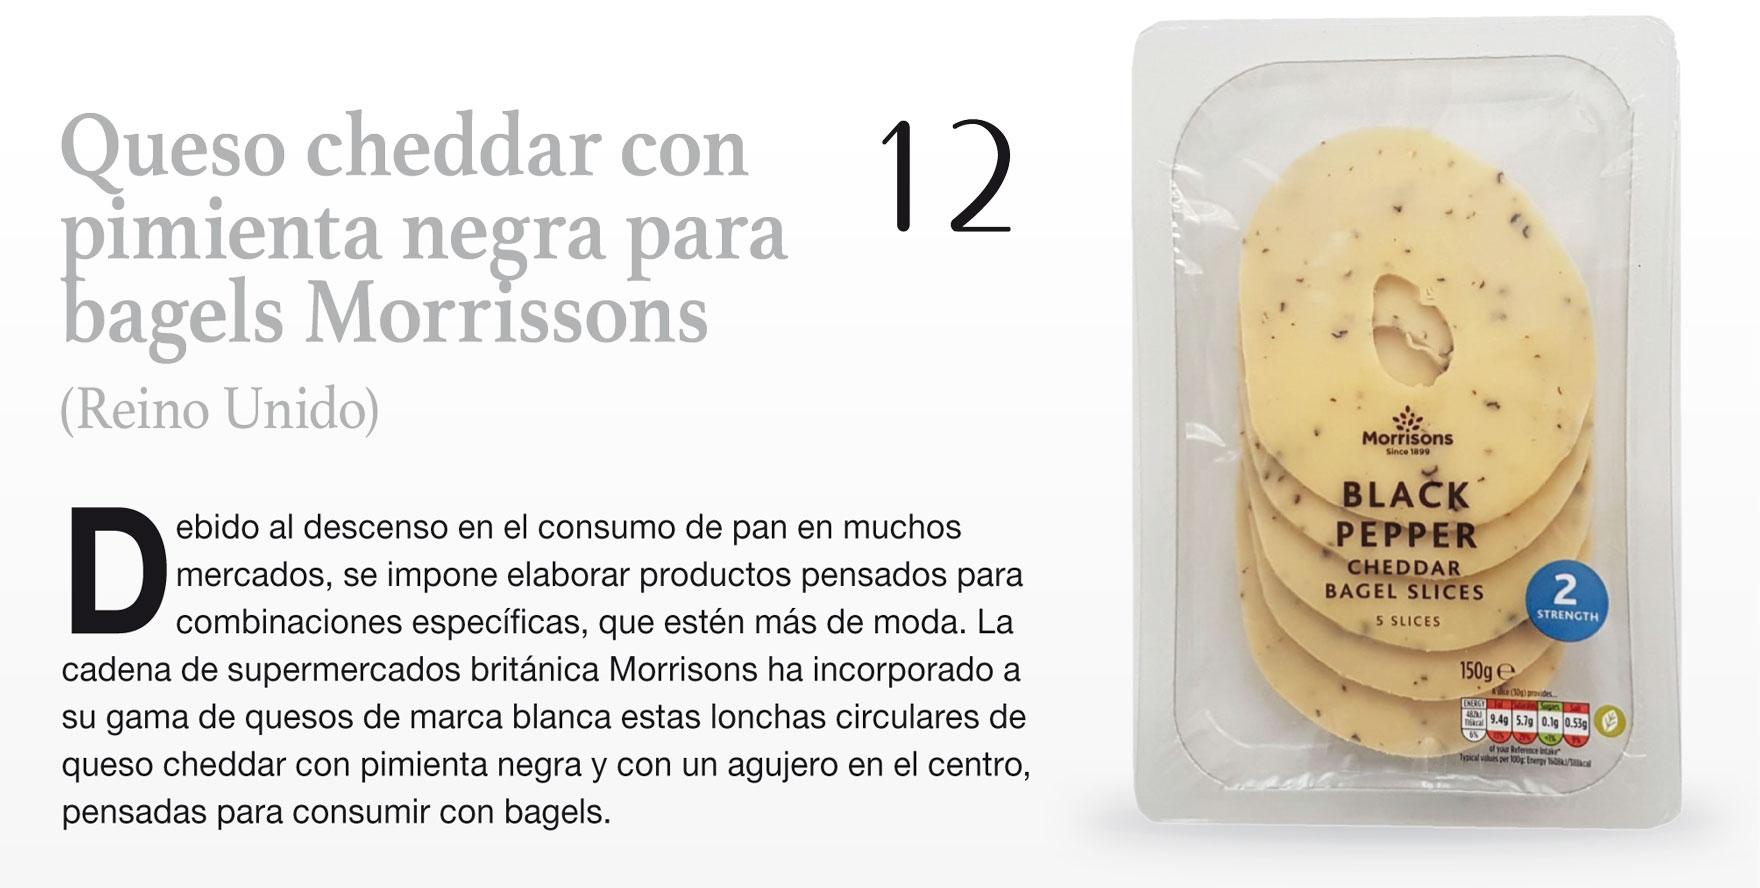 Queso cheddar con pimienta negra para bagels Morrissons (Reino Unido)